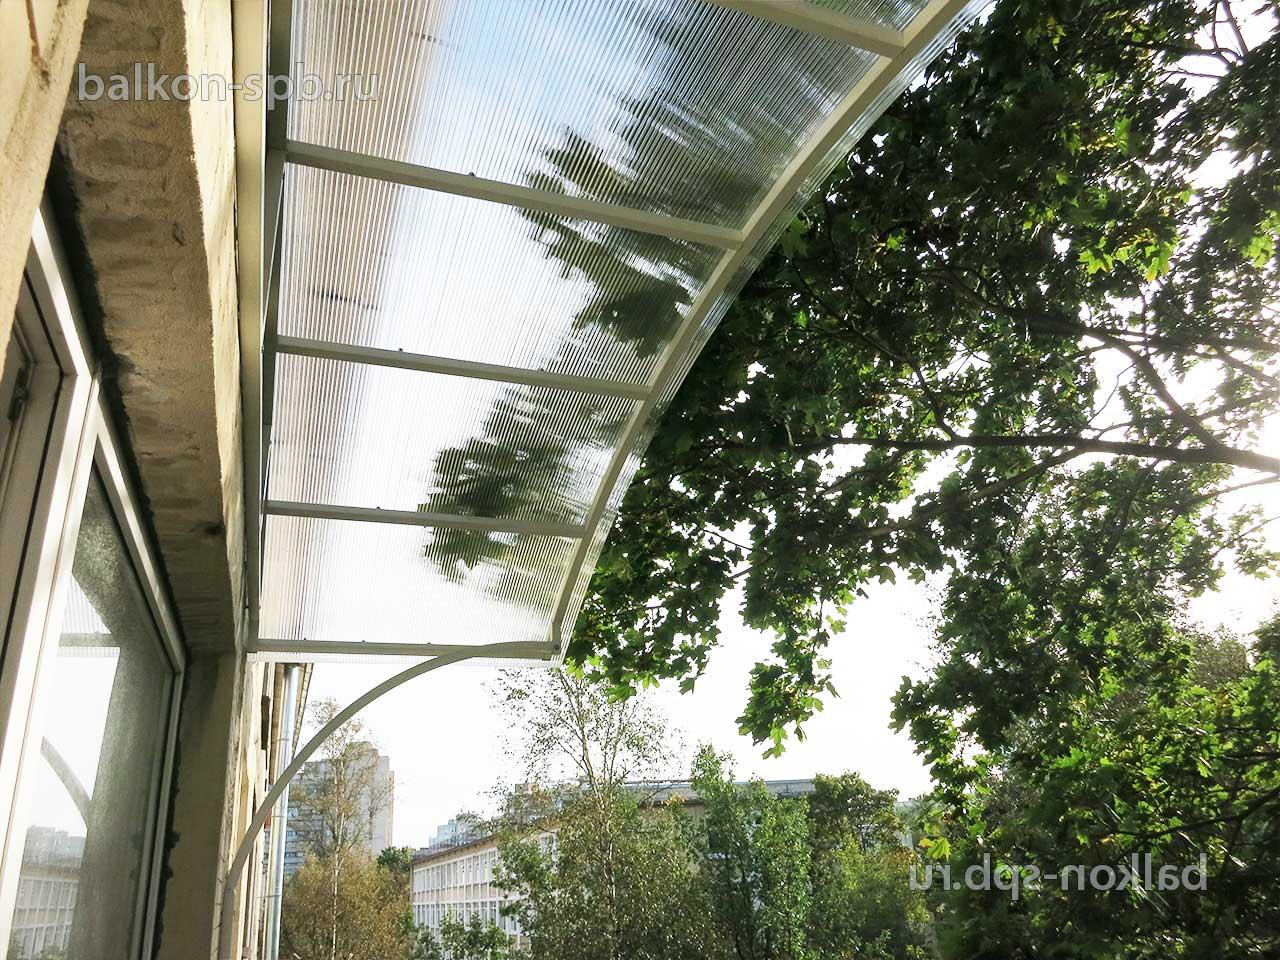 Козырек над балконом из поликарбоната - арочная крыша на бал.